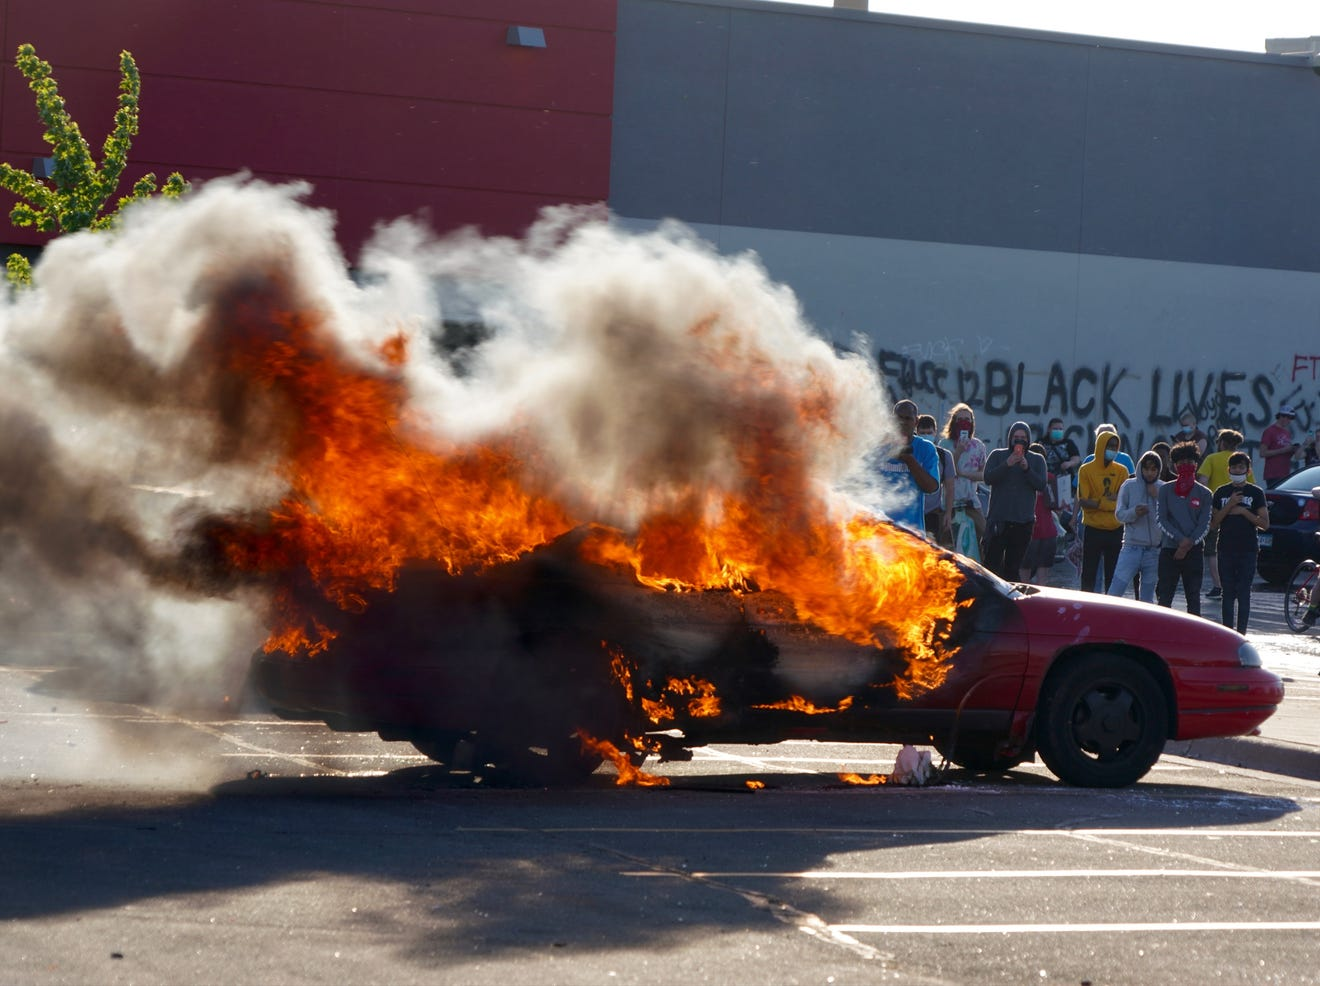 △明尼阿波利斯市的示威者点燃汽车 图片来源:《今日美国报》